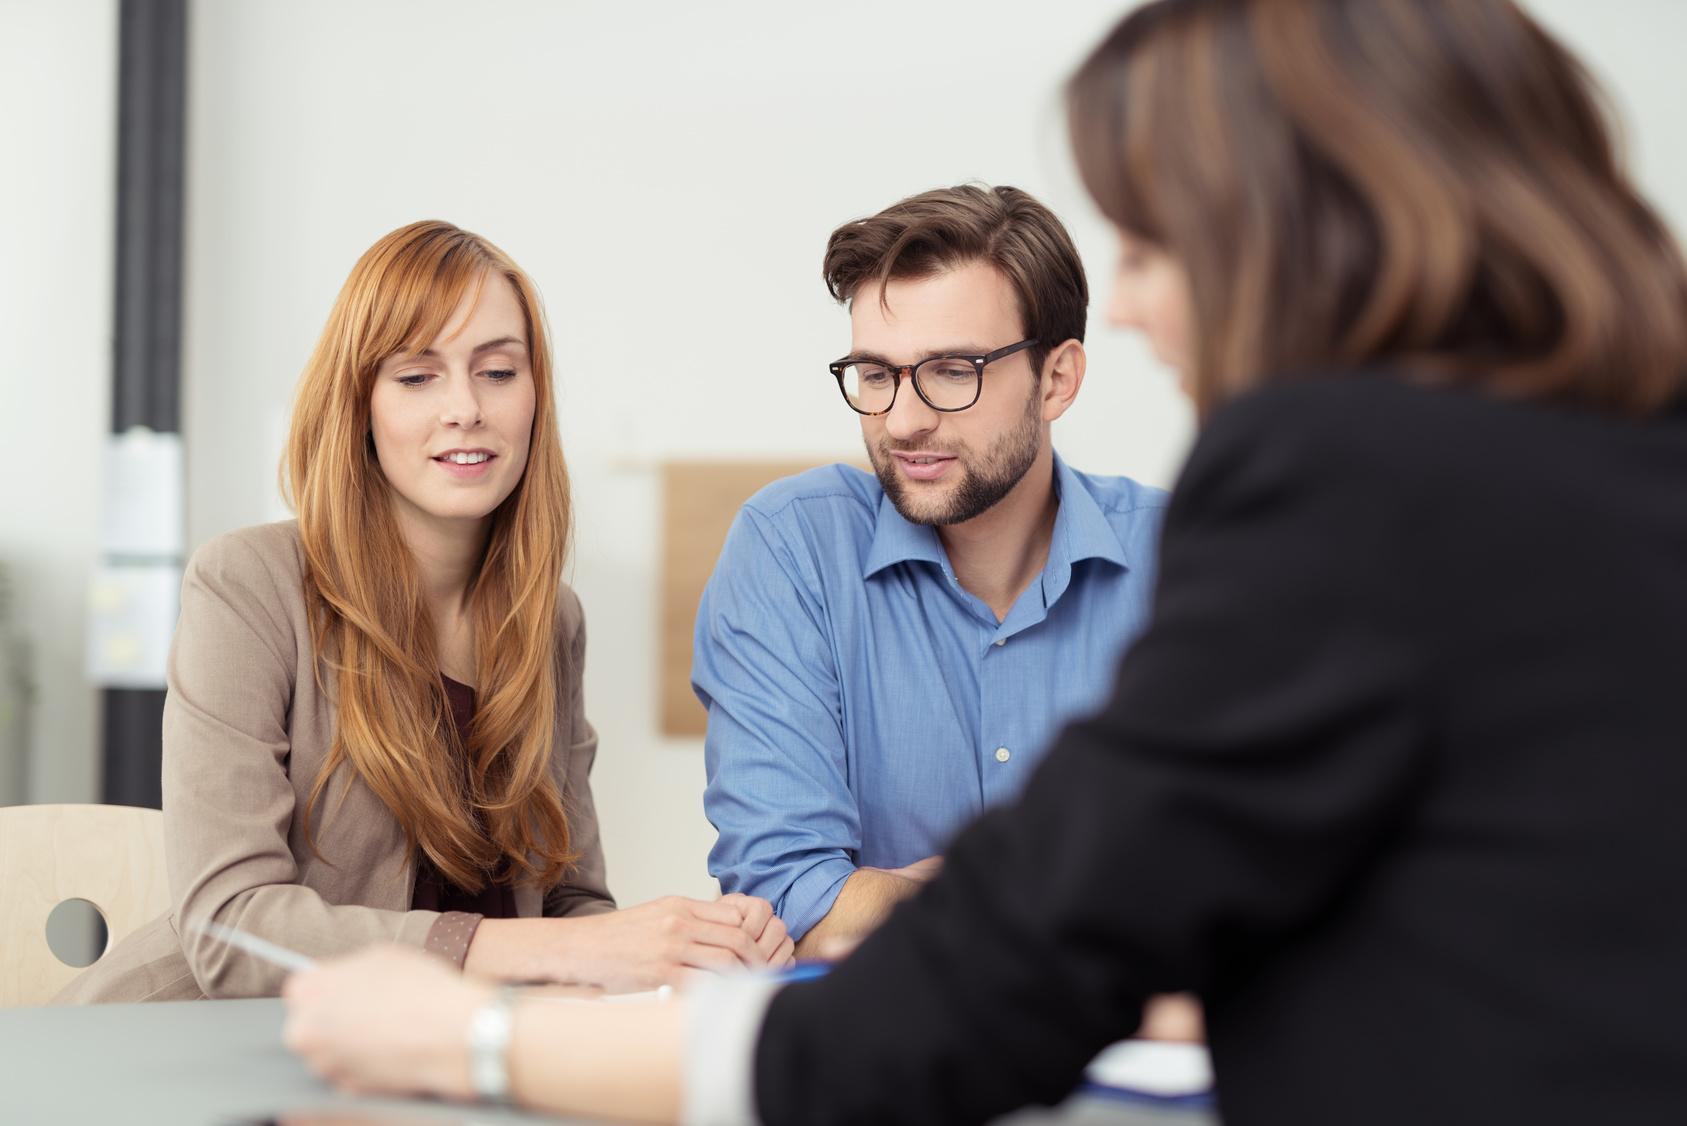 herfinanciering van jouw huidig hypothecair krediet